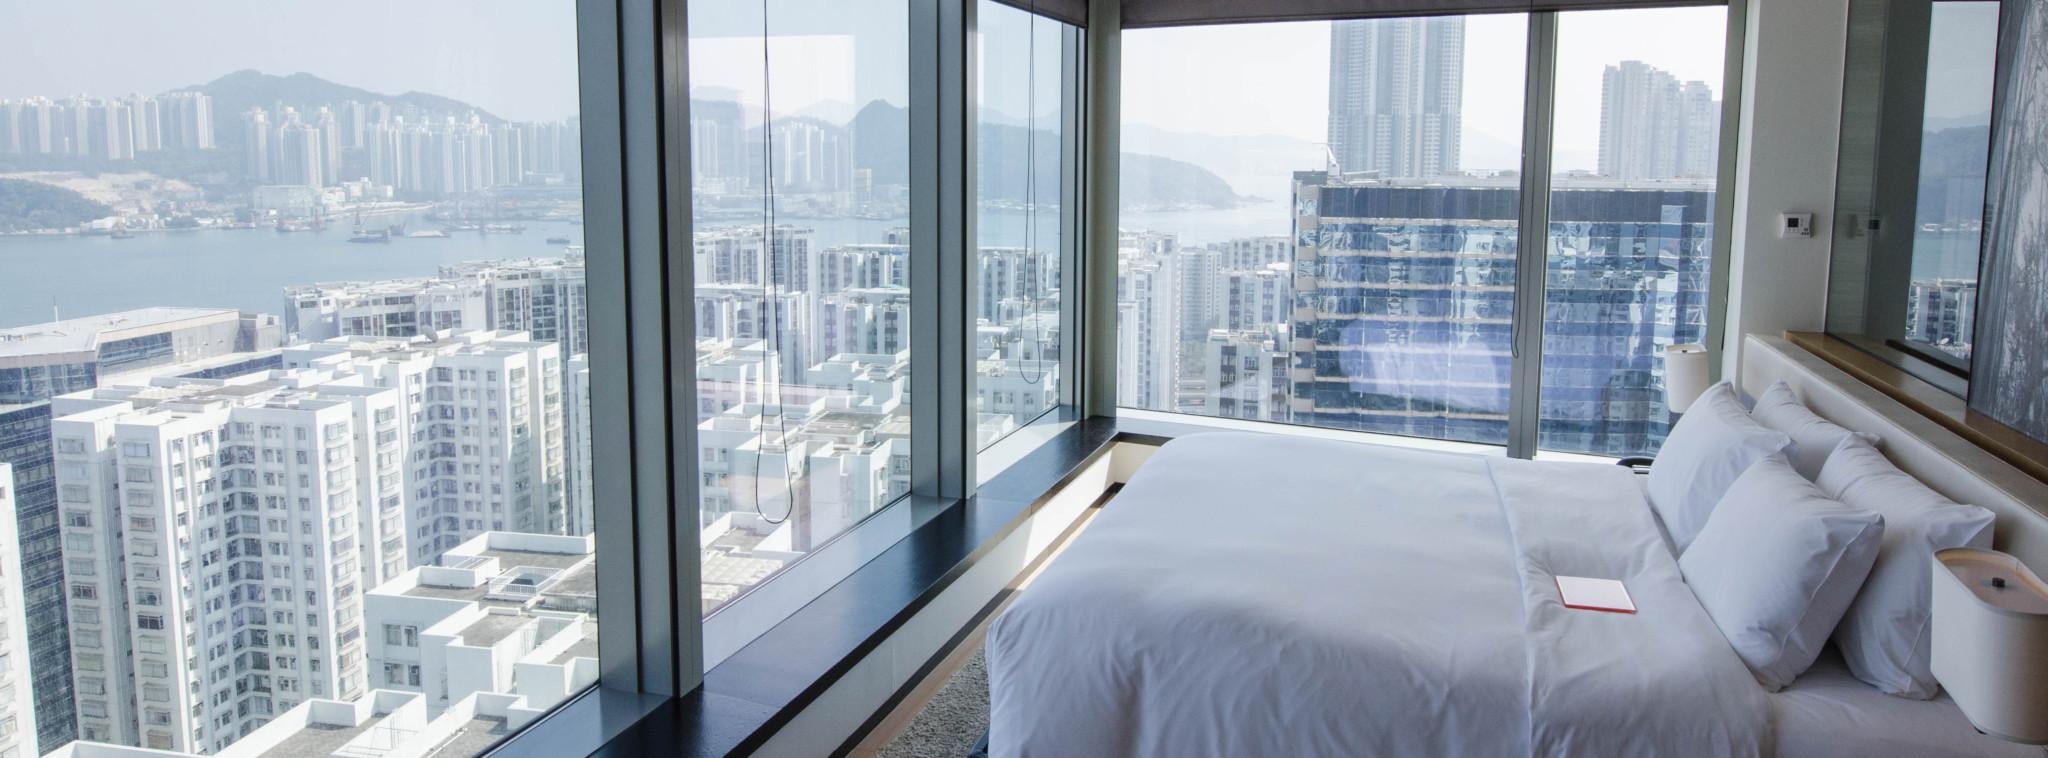 Hotel East Hongkong